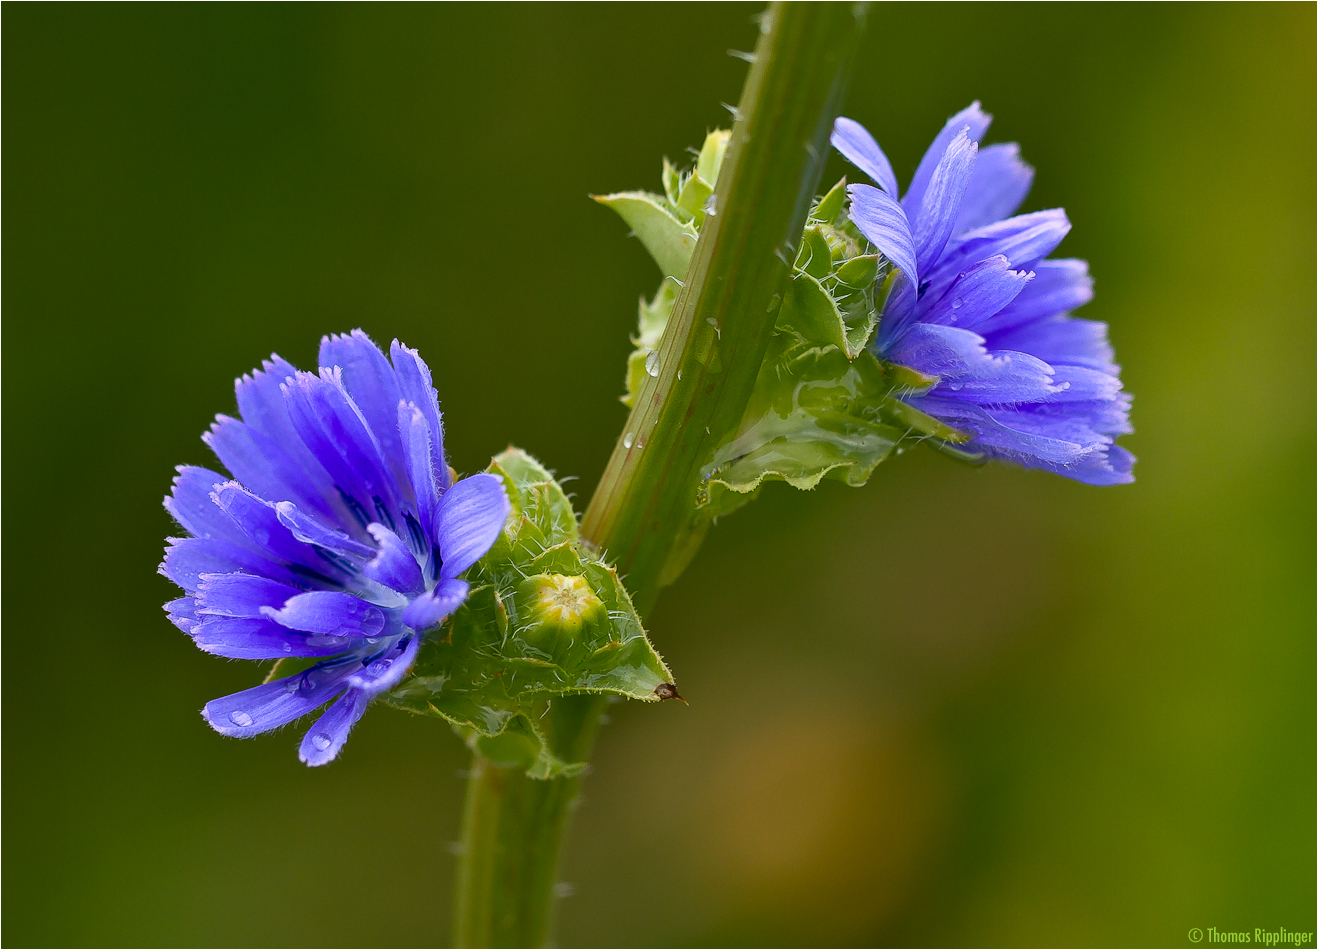 Endivie (Cichorium endivia)